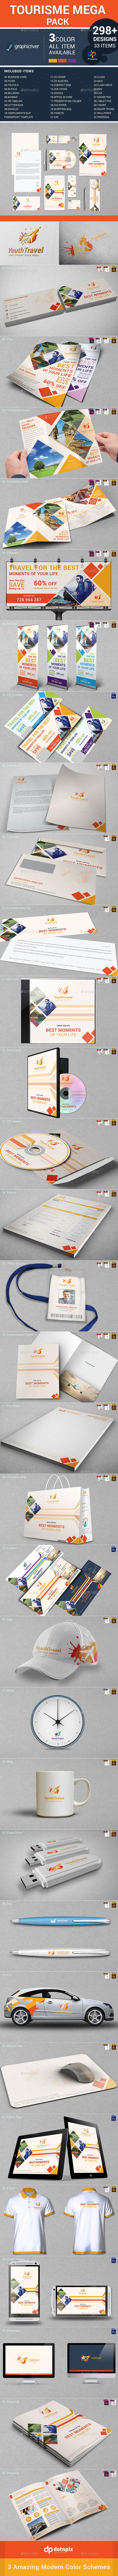 GraphicRiver Tourisme Mega Pack 9921257